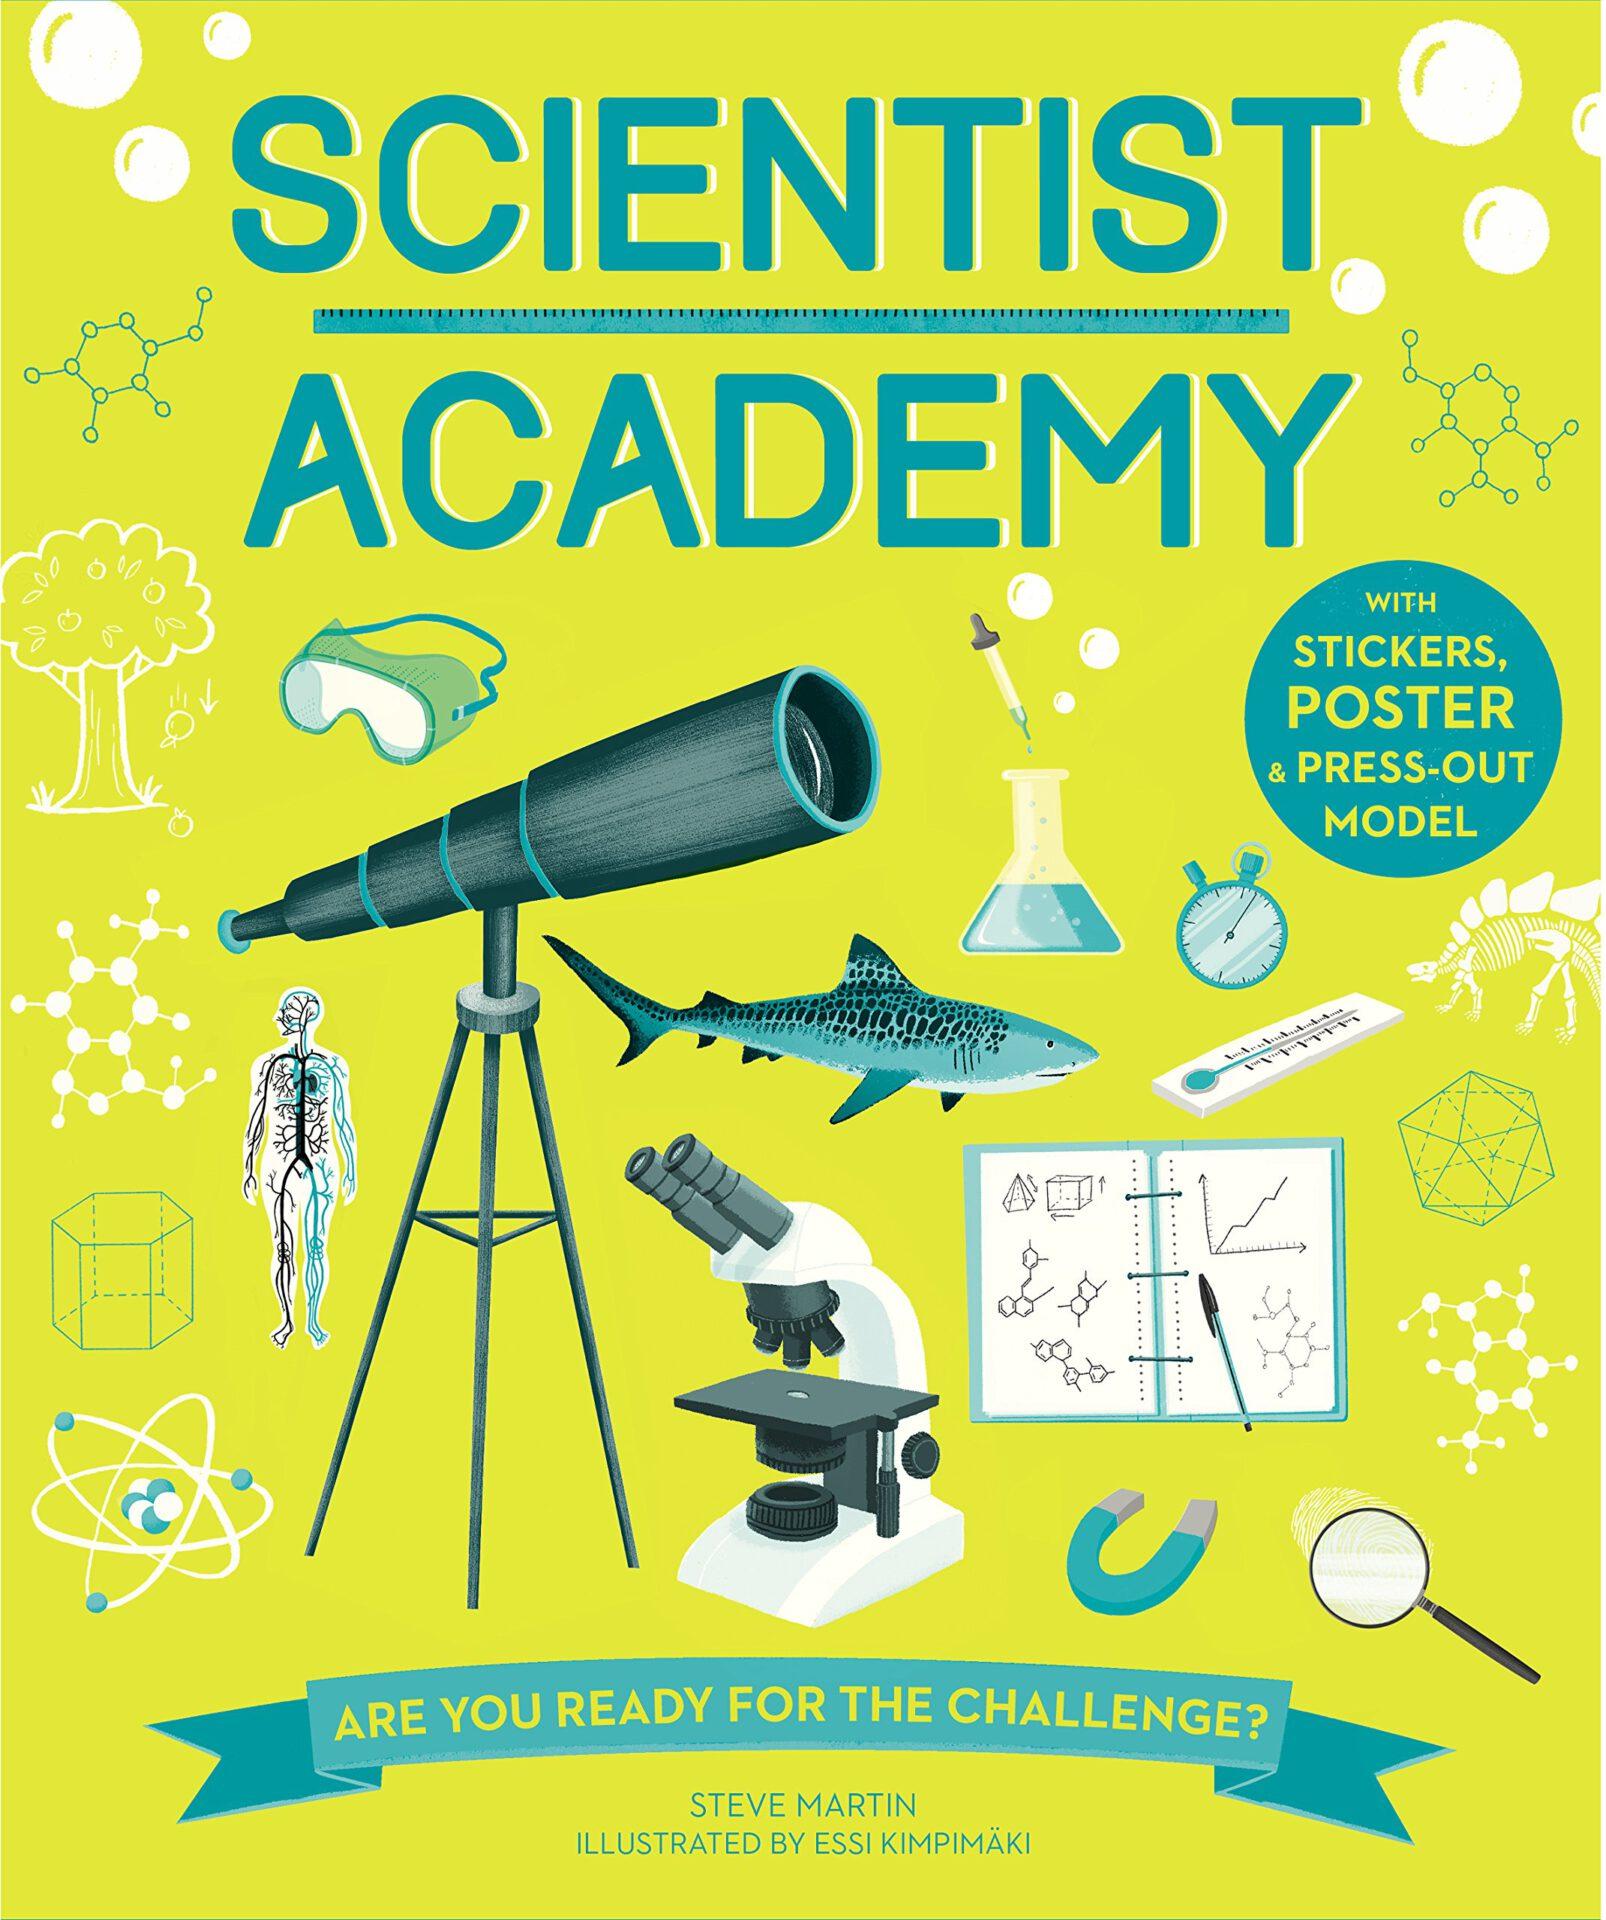 Scientist Academy